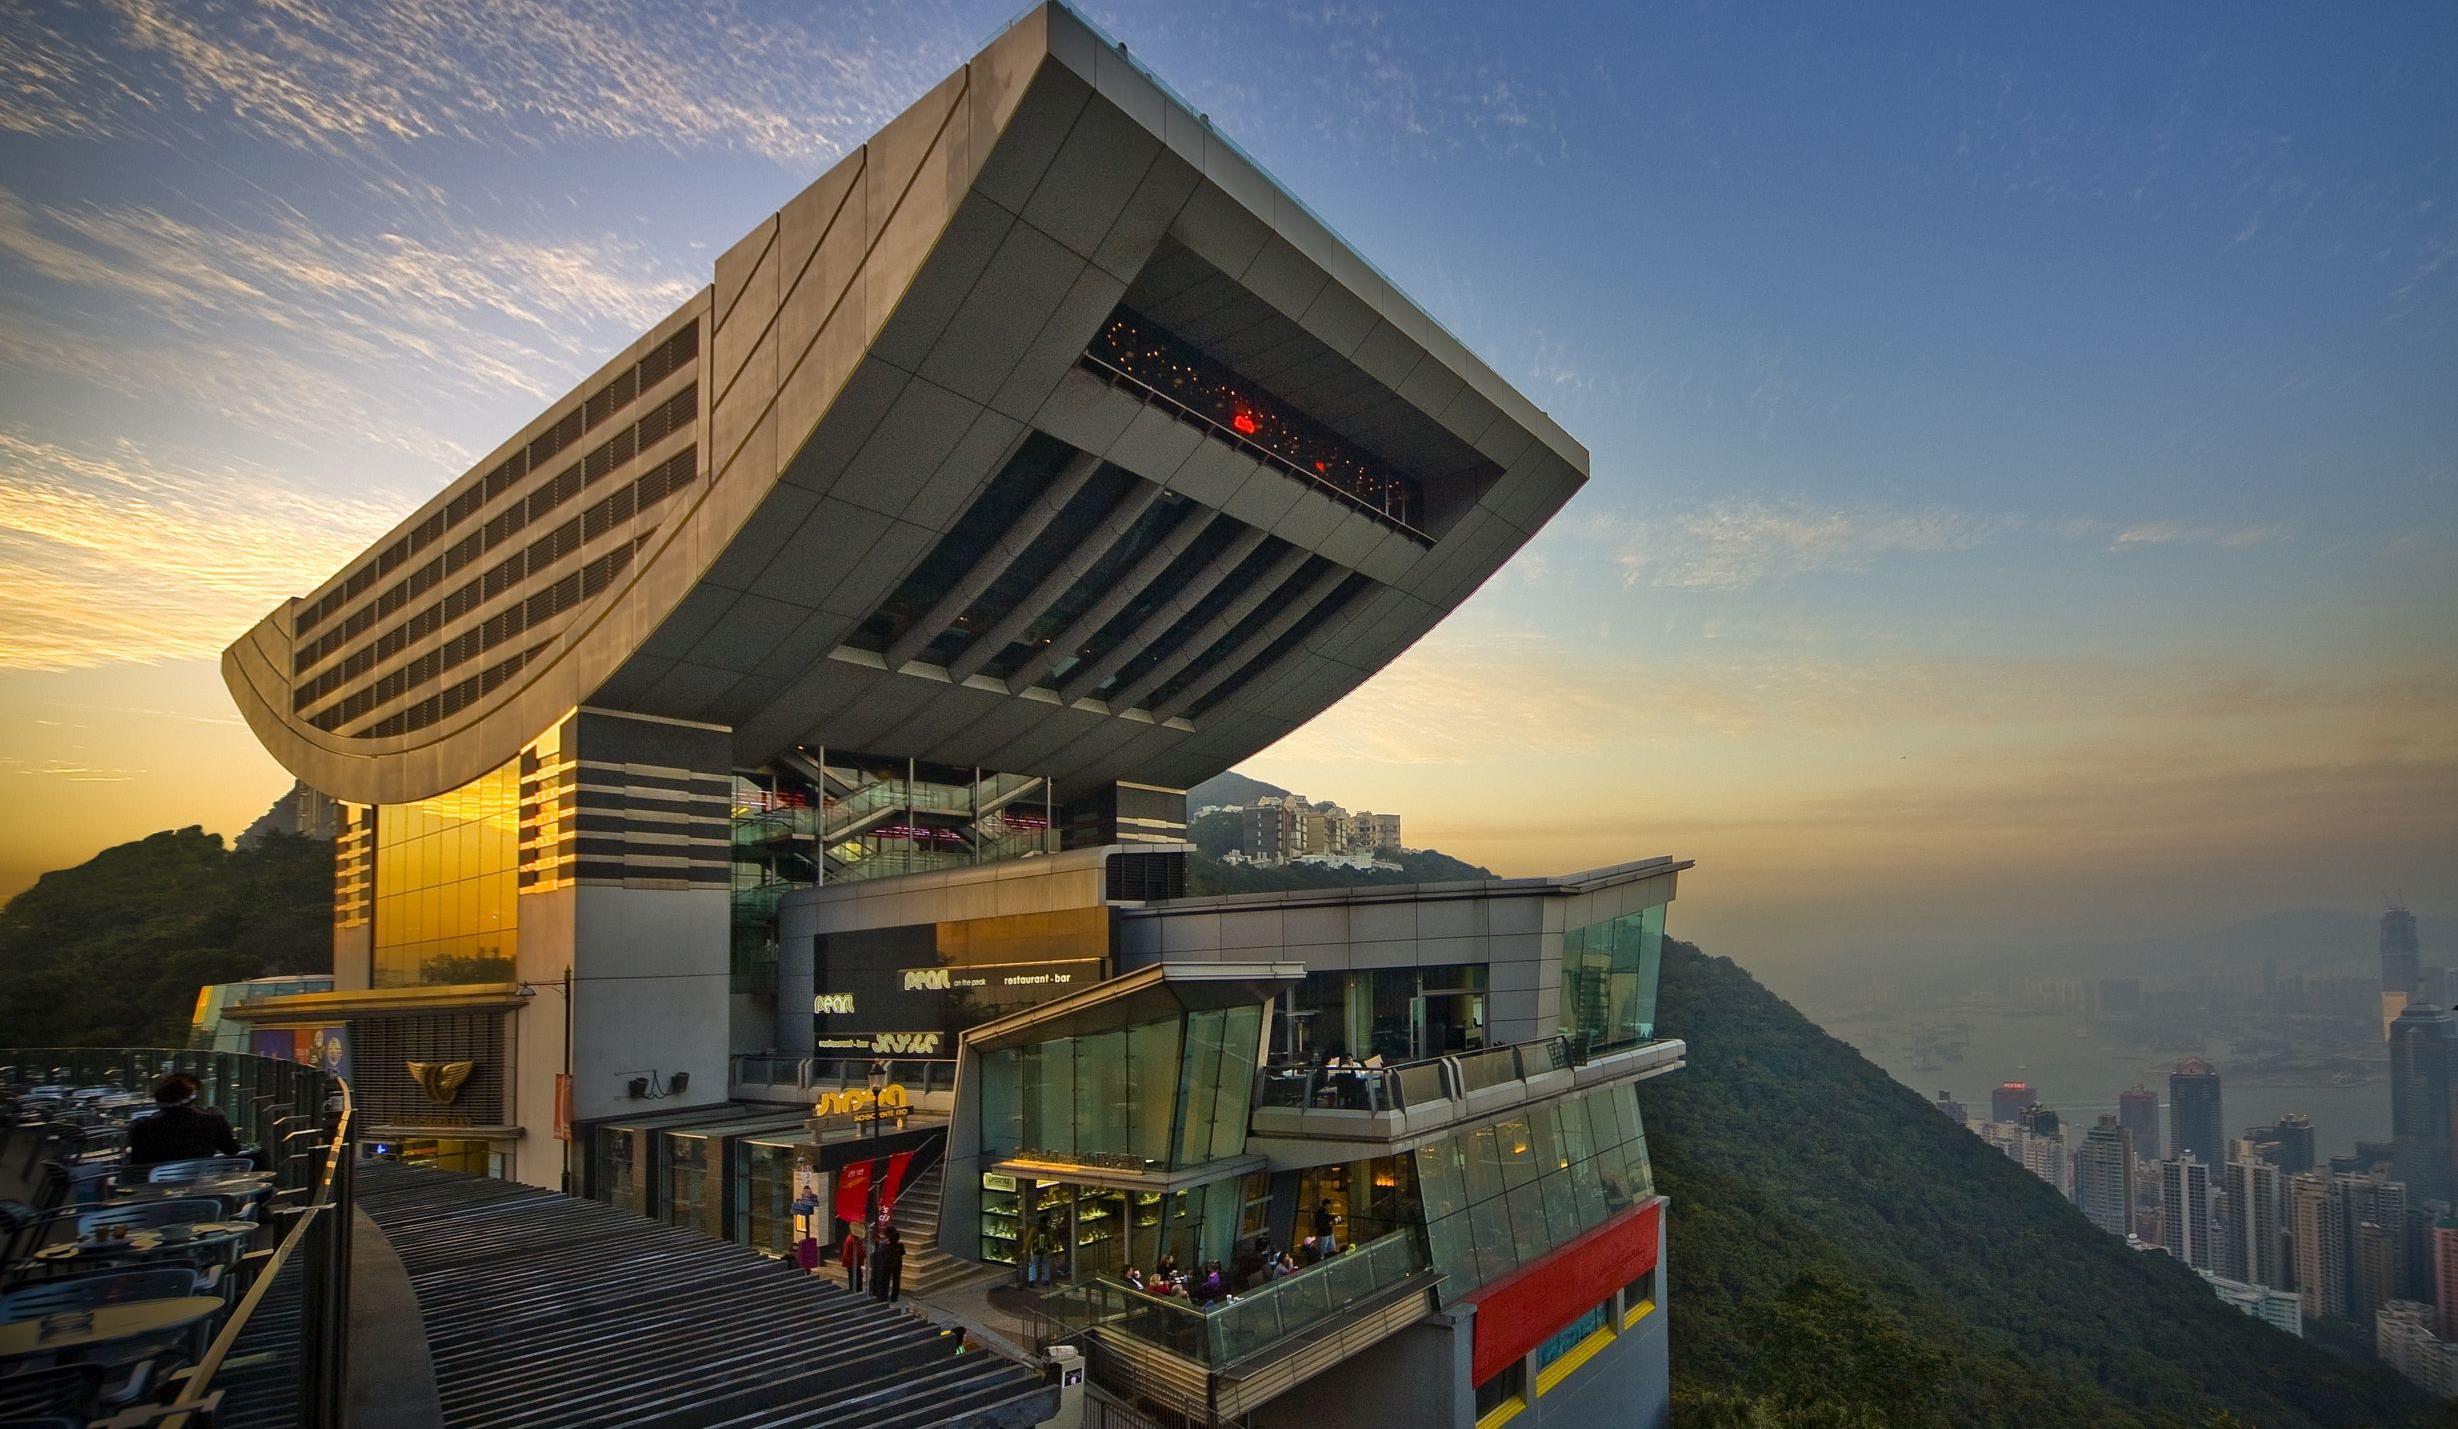 香港凌霄阁摩天台428门票(电子票)